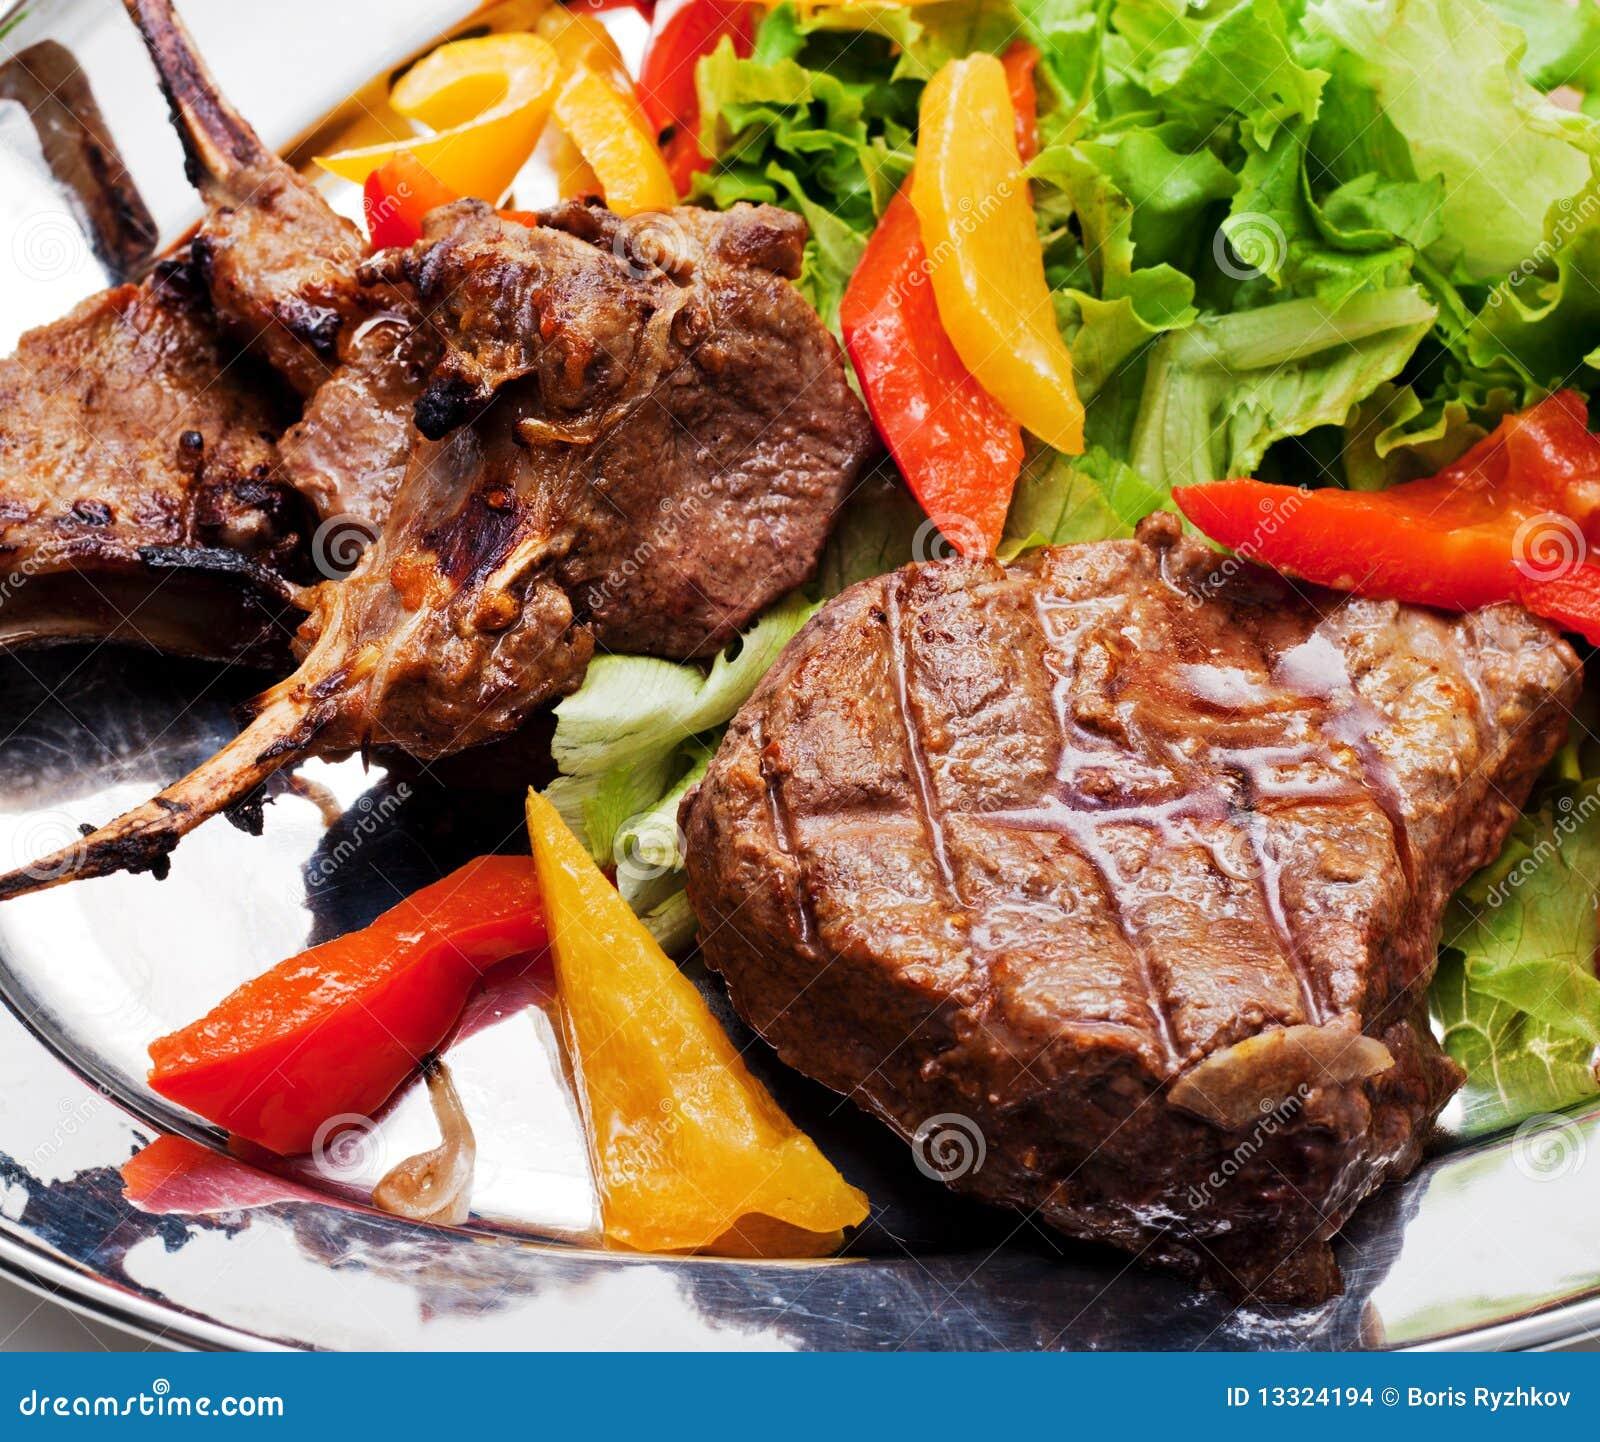 Второе блюдо мясо с фото